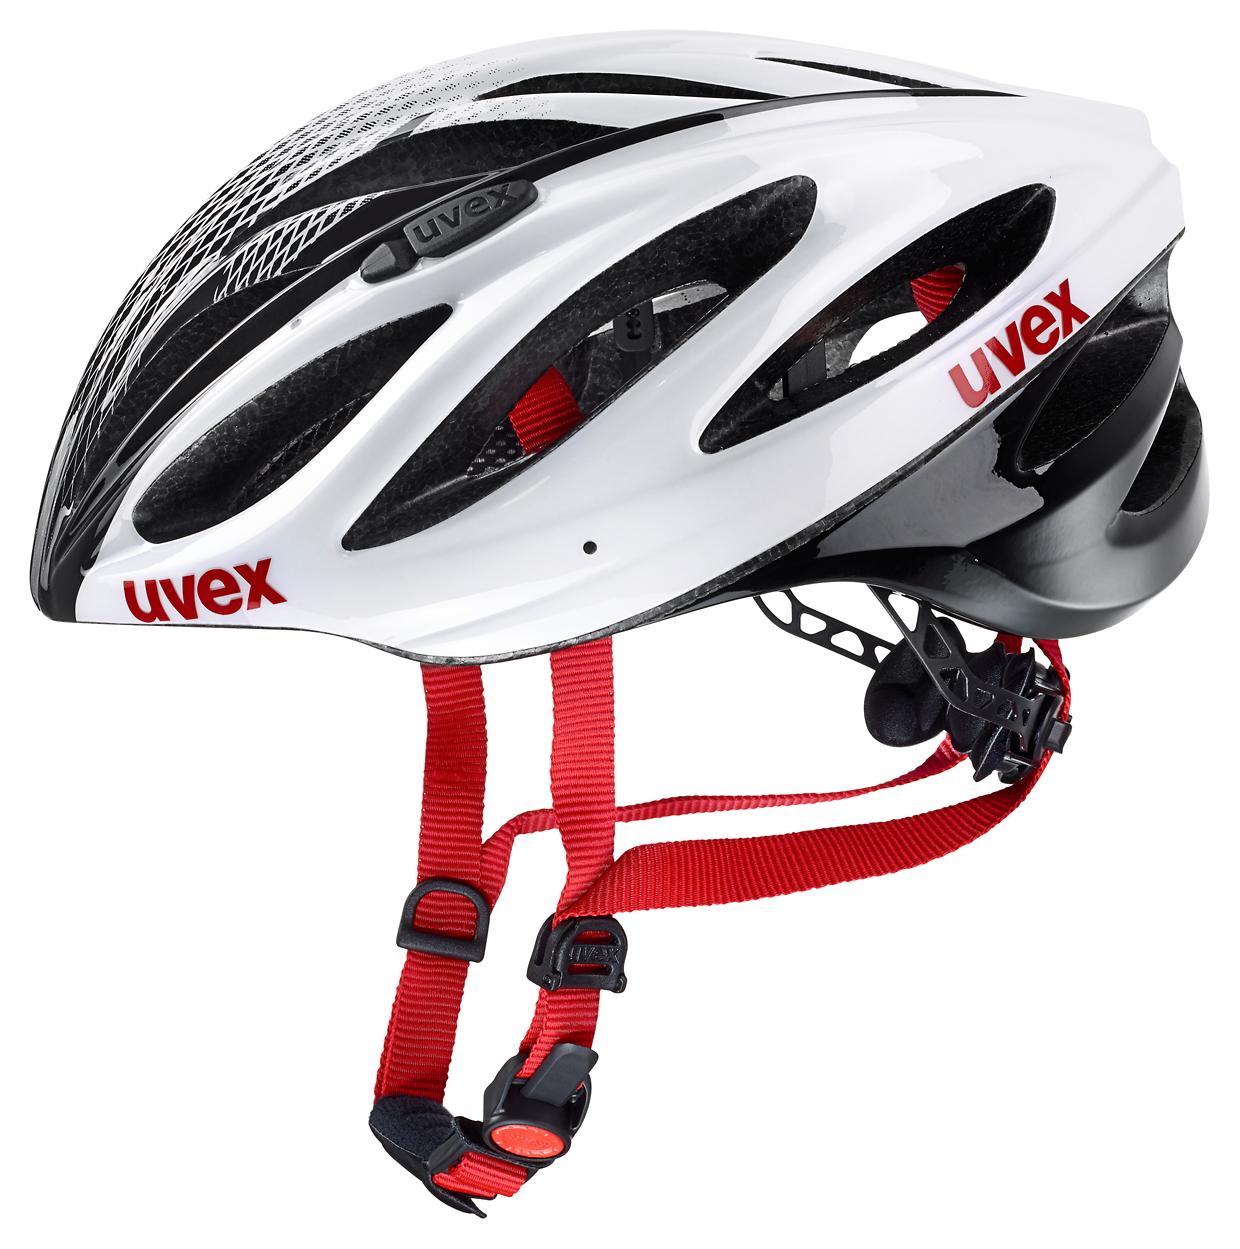 UVEX BOSS RACE, WHITE-BLACK 2016 52-56 cm